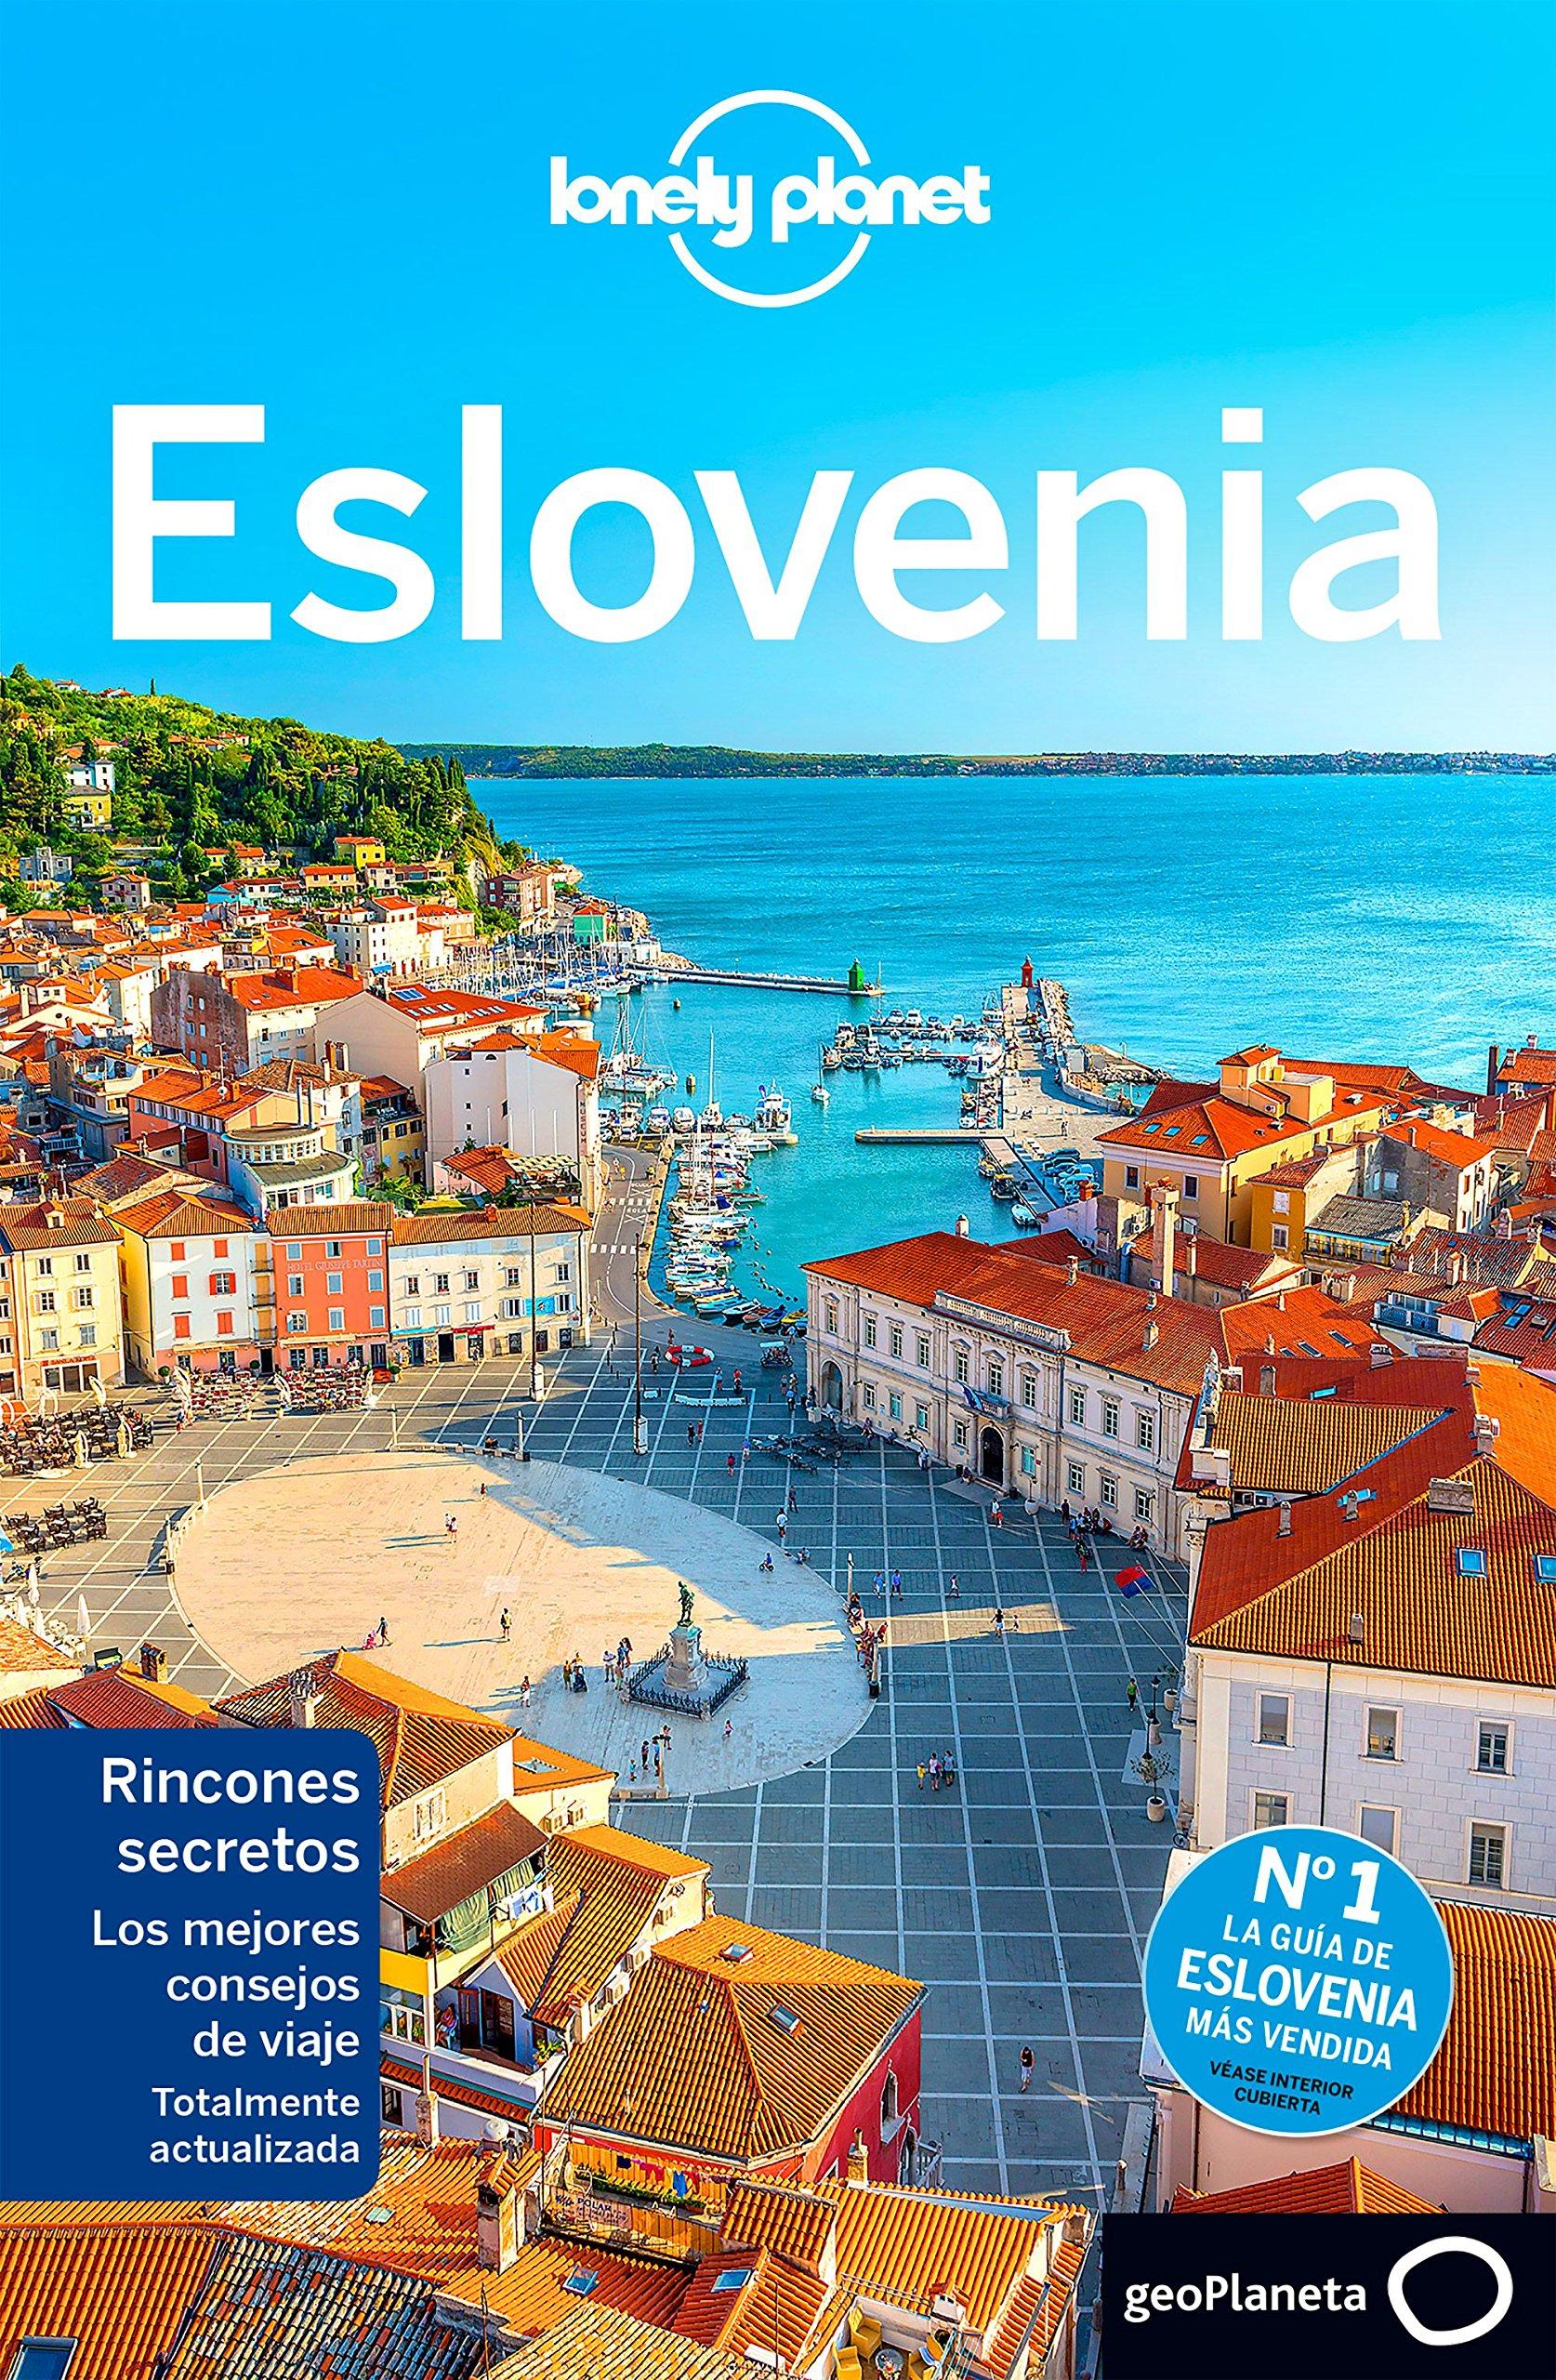 Eslovenia 2 (Guías de País Lonely Planet): Amazon.es: Bain, Carolyn, Fallon, Steve, Boladeras Usón, Àlex, Ros González, Miguel: Libros